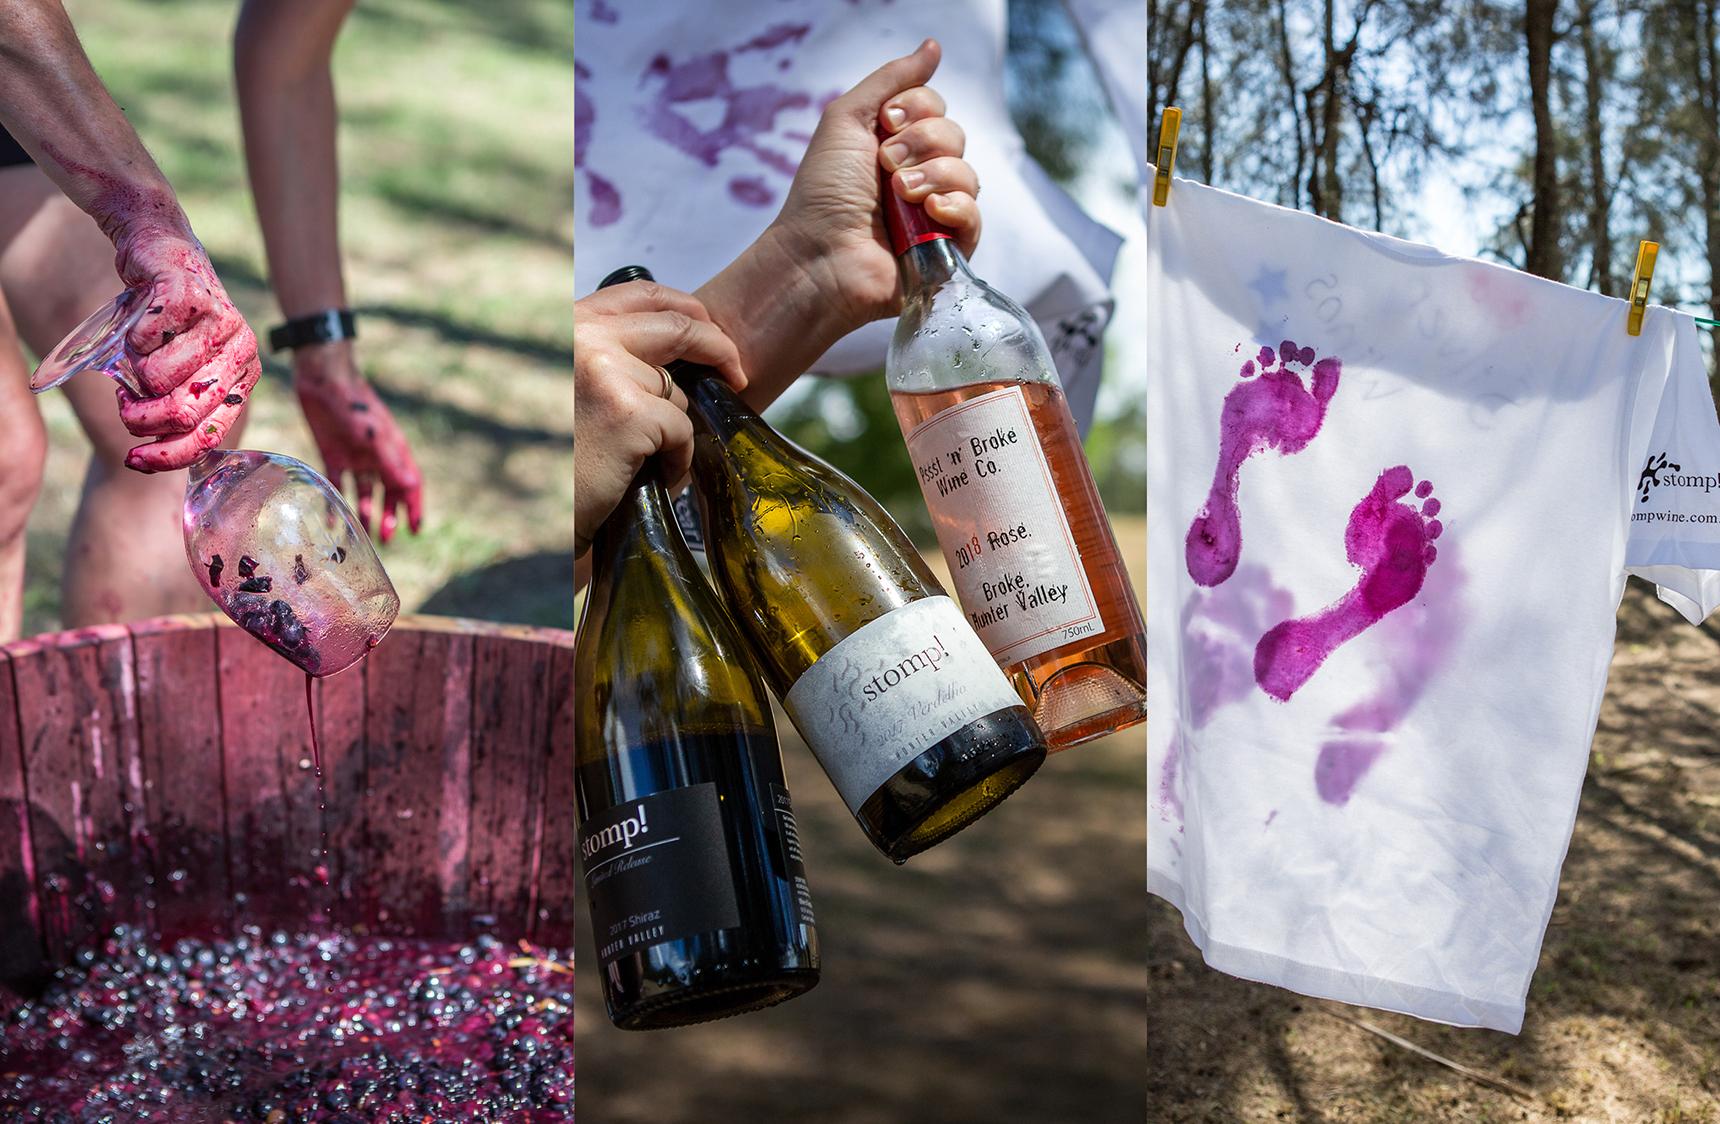 mjk_stomp-wines_04